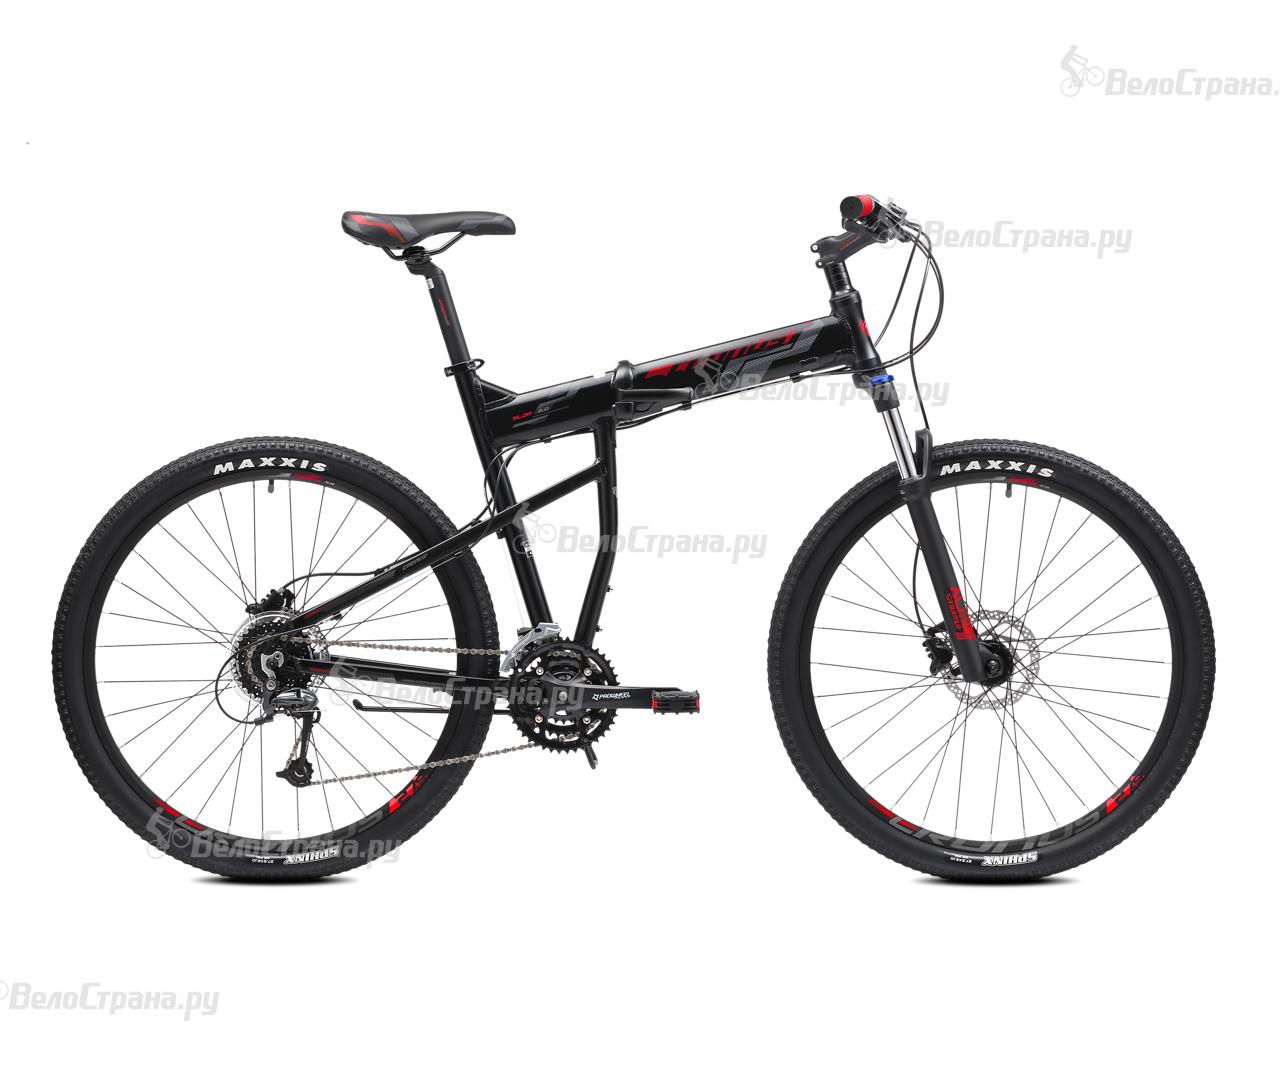 Велосипед Cronus Soldier 2.0 27.5 (2018) велосипед cronus soldier 1 5 2014